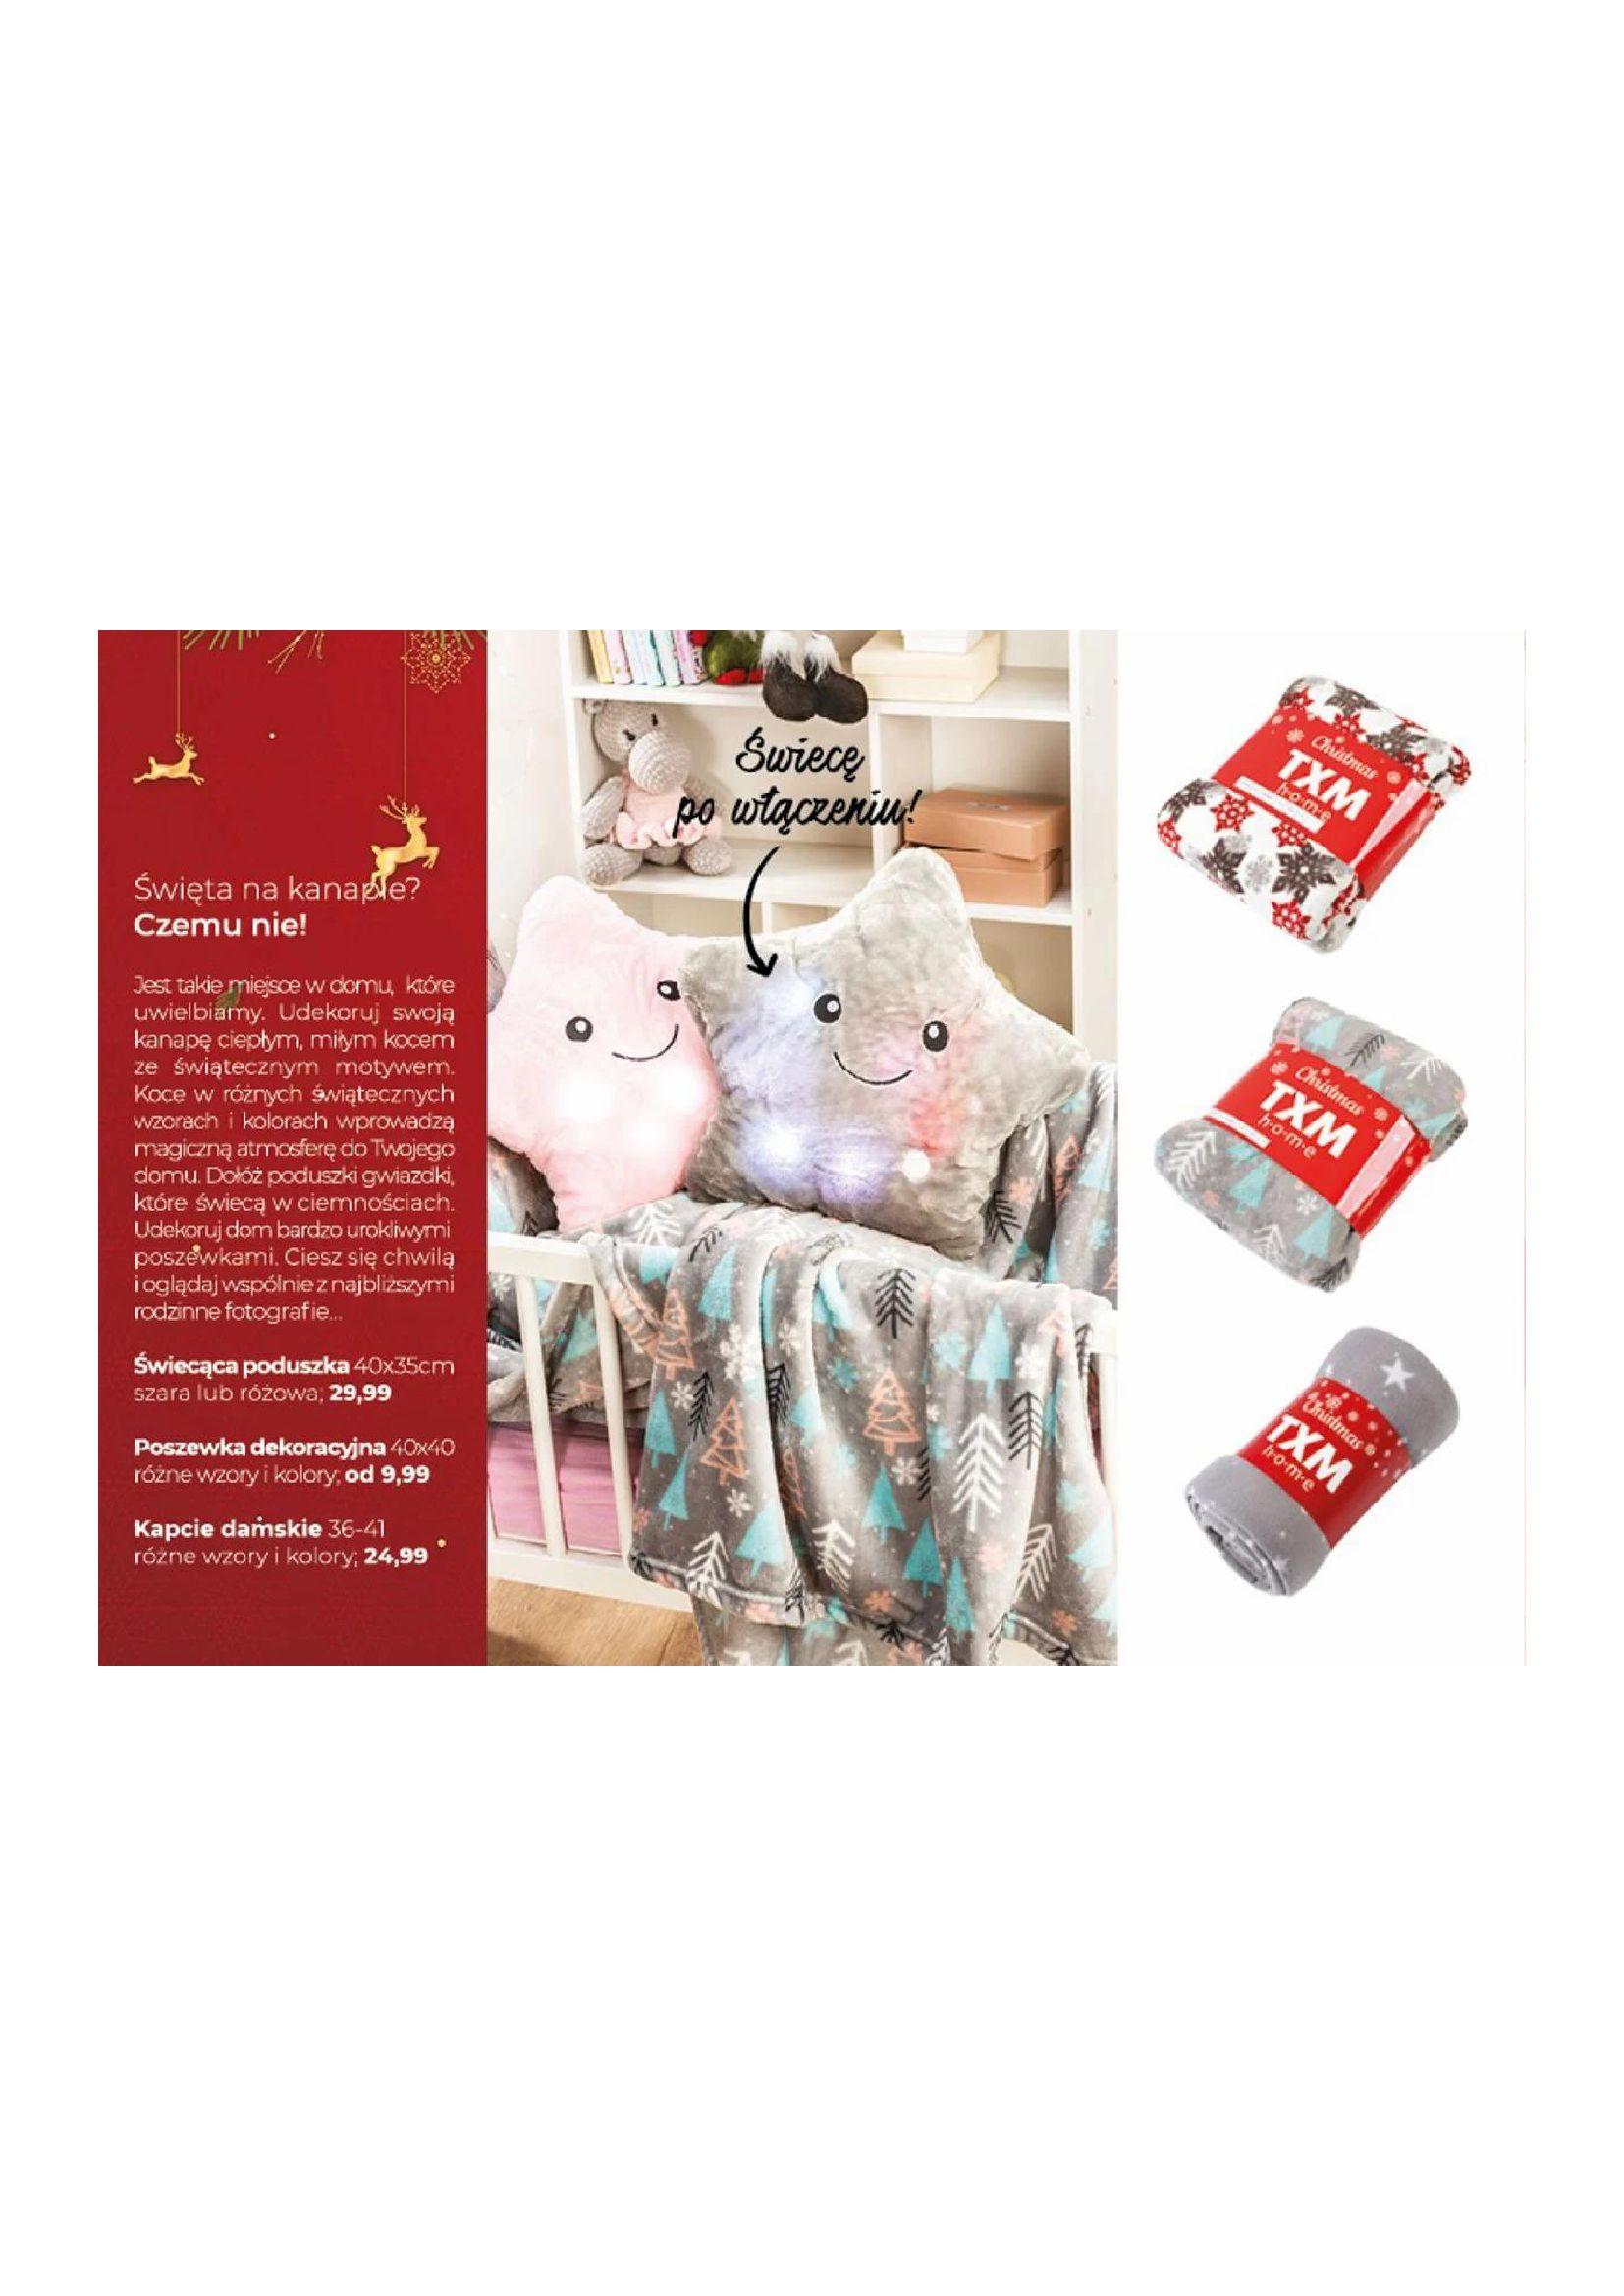 Gazetka TXM textilmarket: Katalog Świąteczny 2020-11-10 page-10